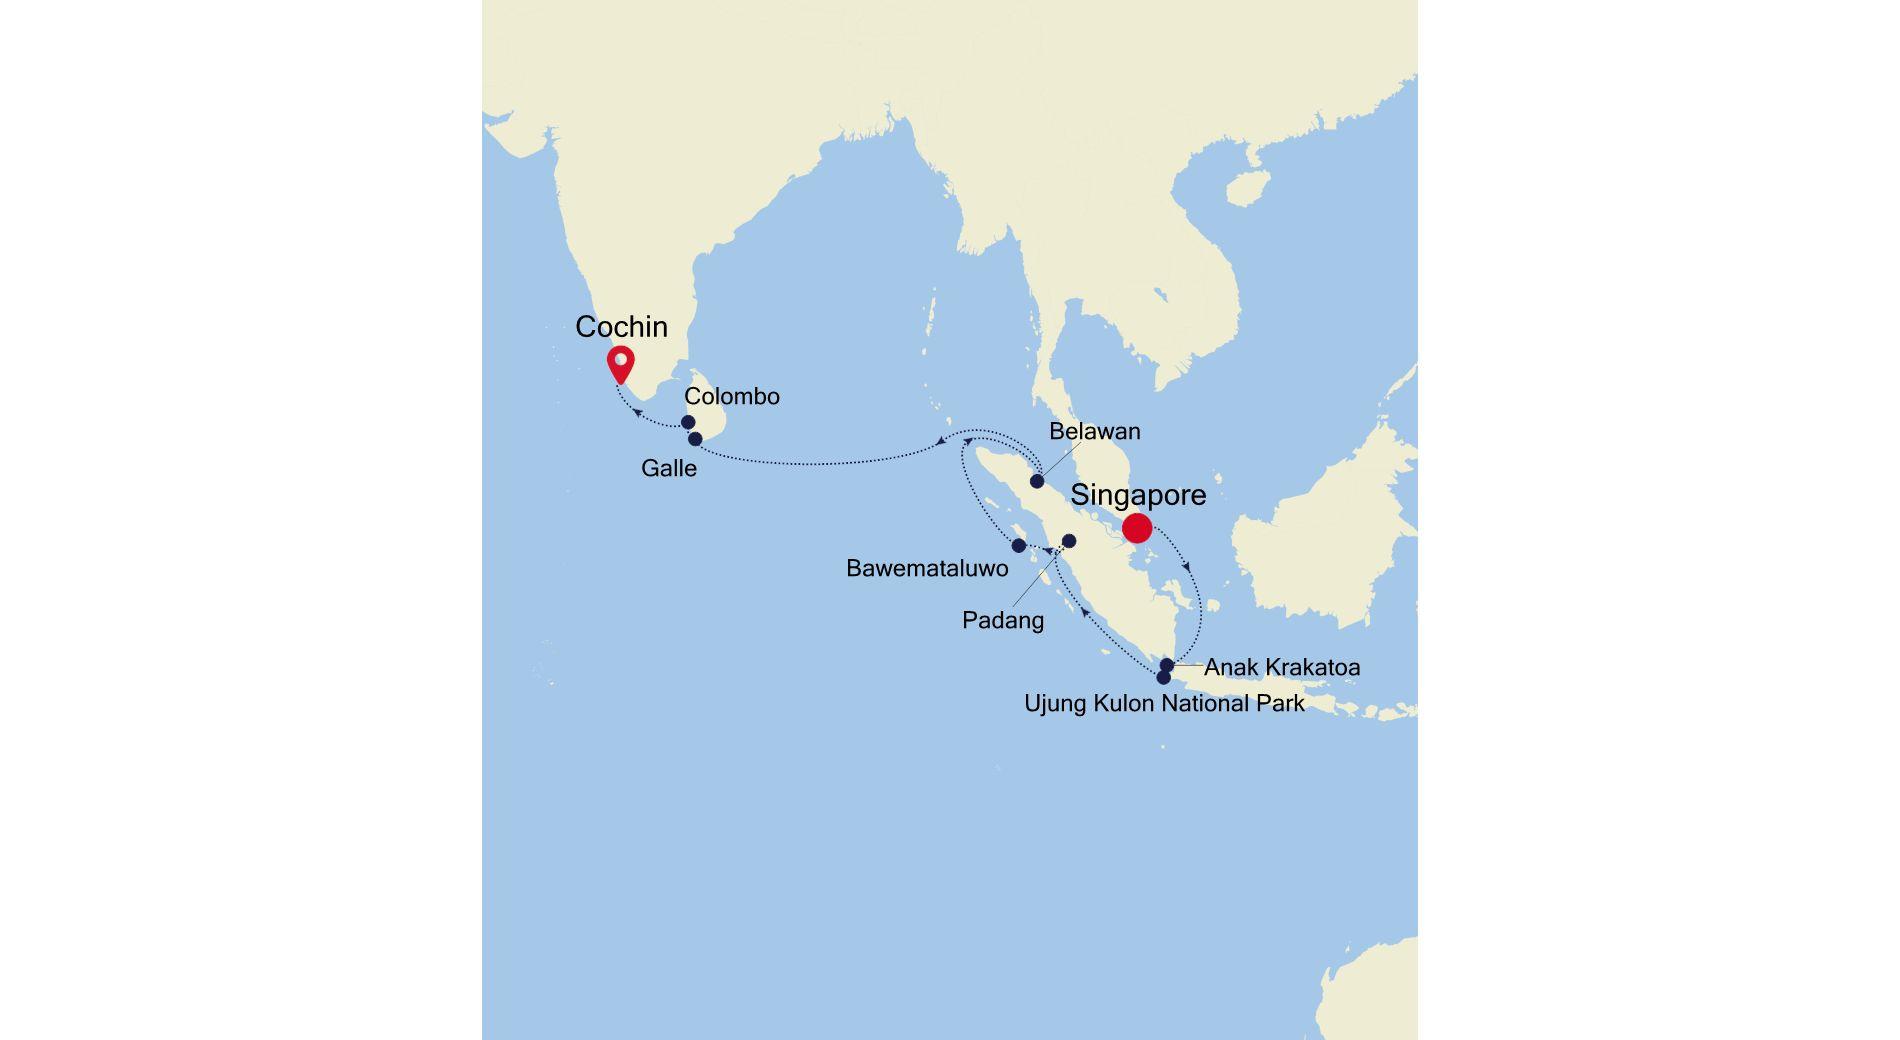 E4210428016 - Singapore a Cochin